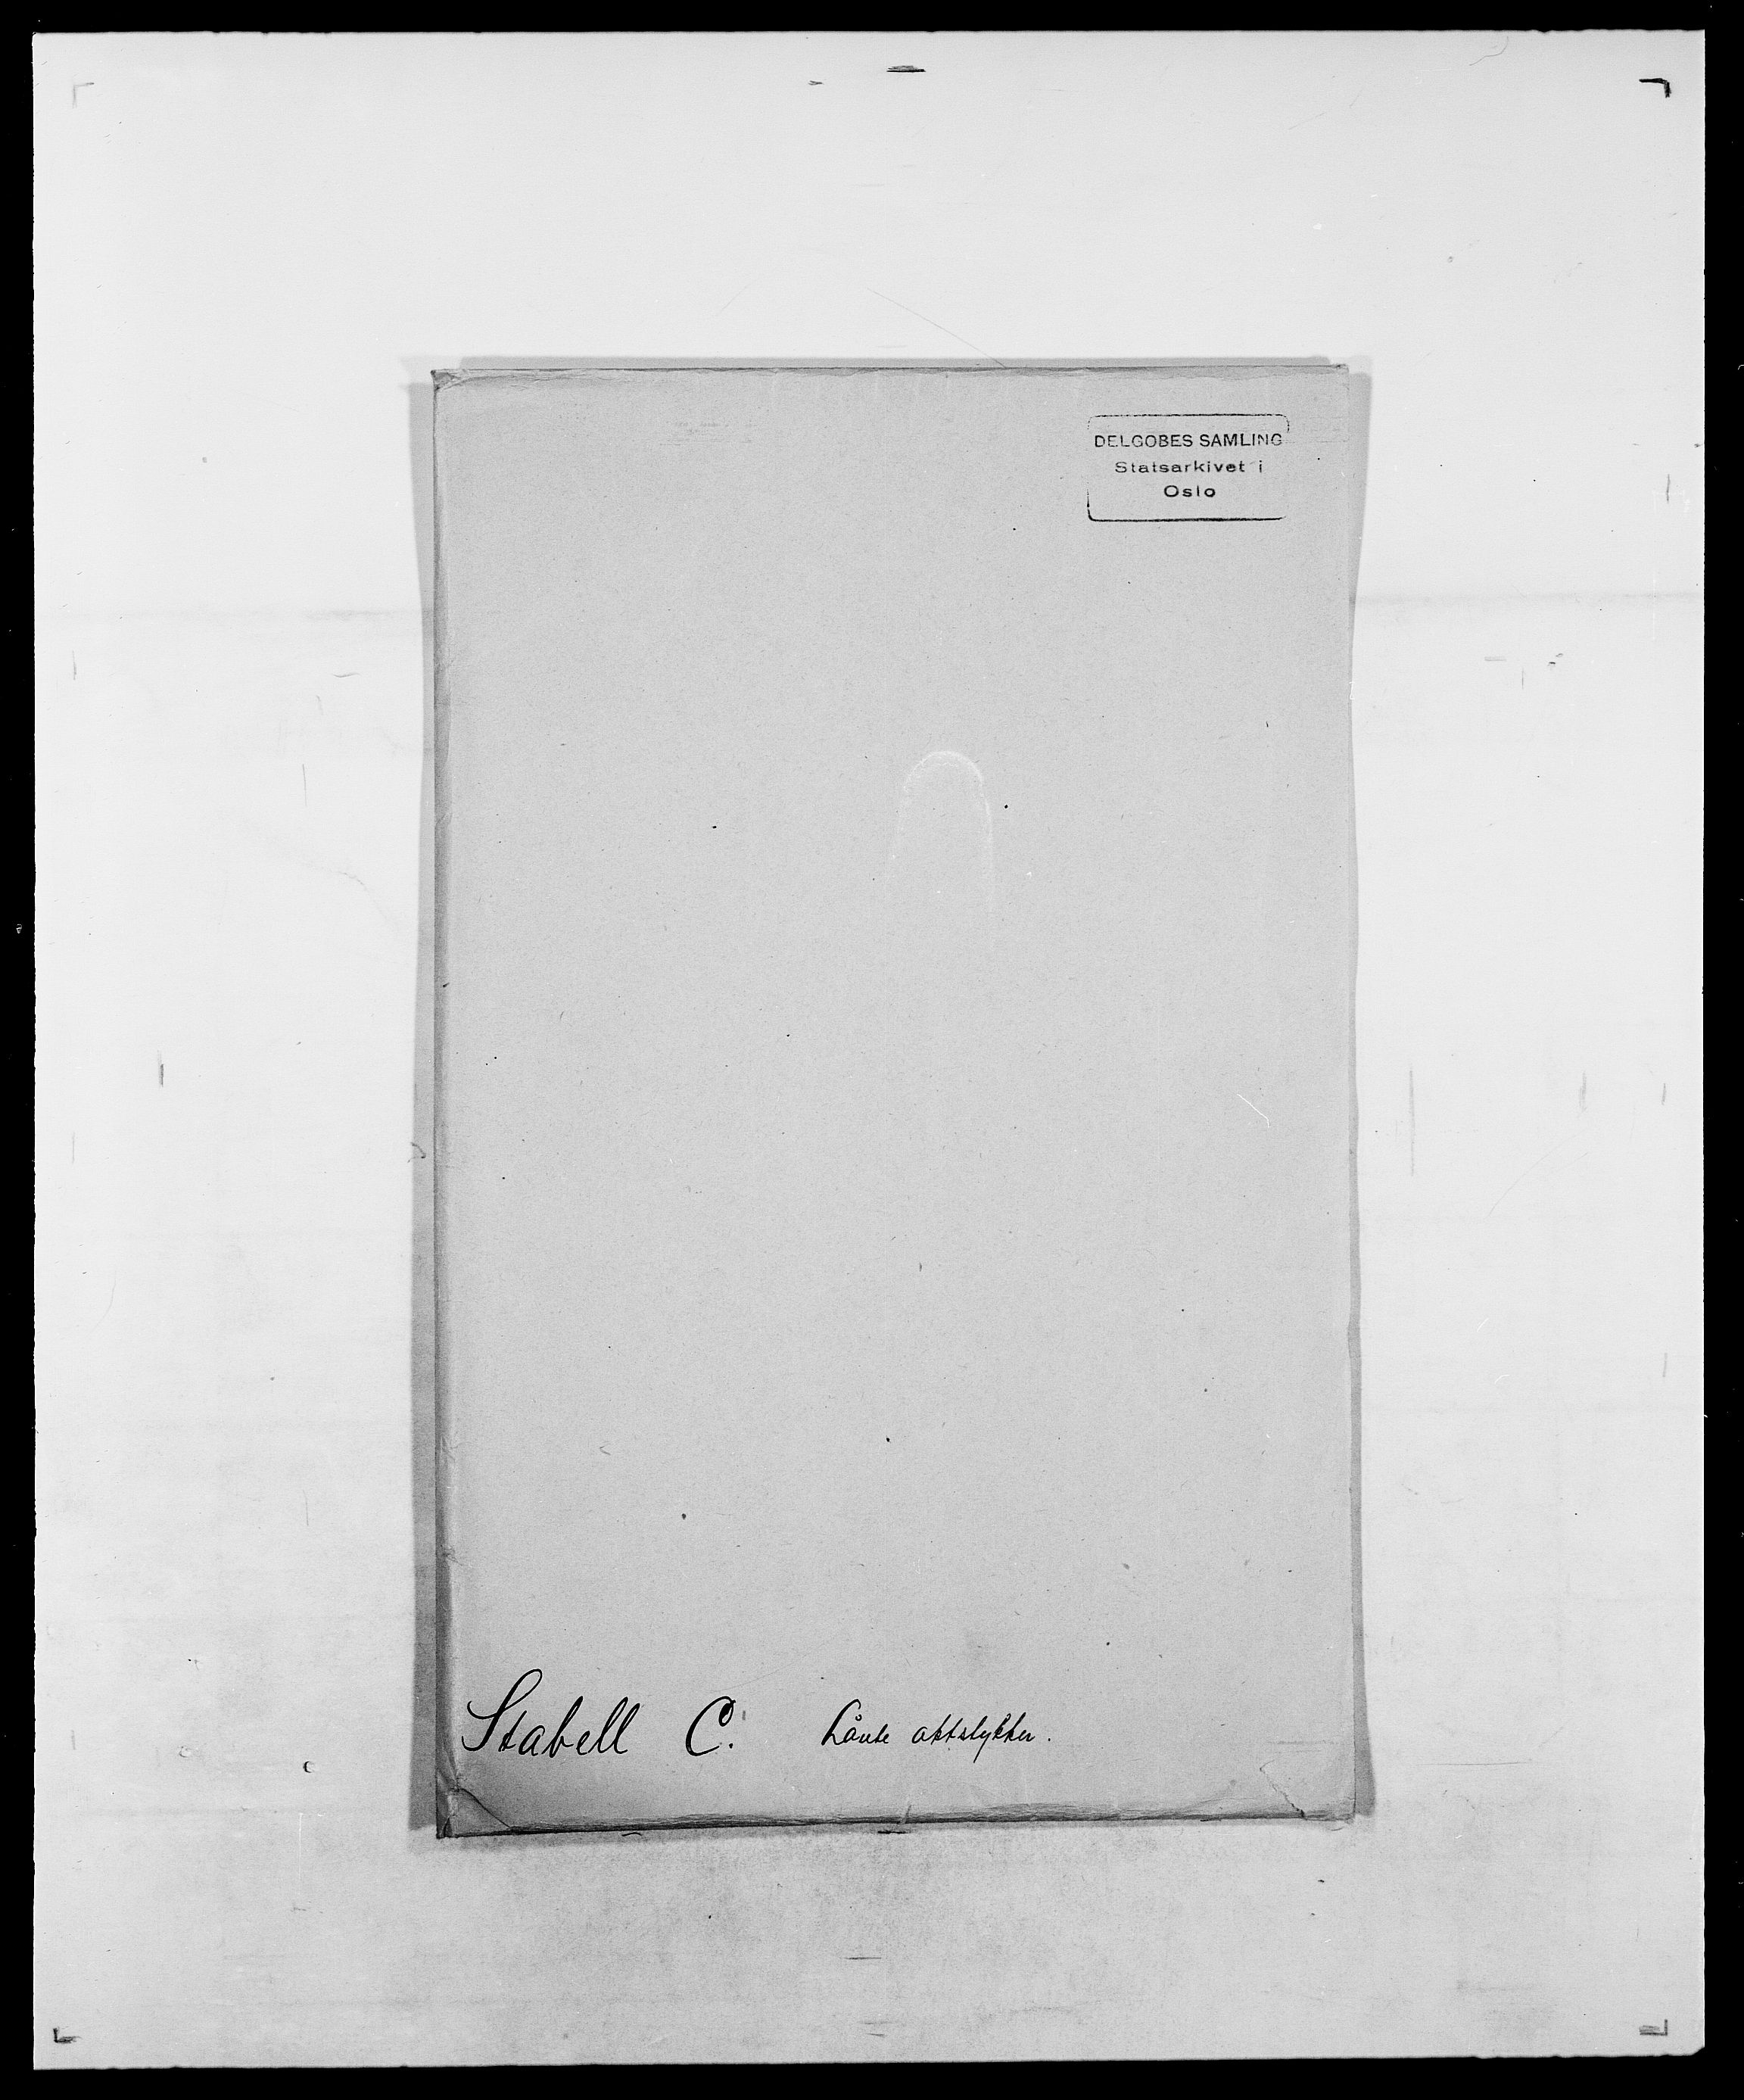 SAO, Delgobe, Charles Antoine - samling, D/Da/L0036: Skaanør - Staverskov, s. 781